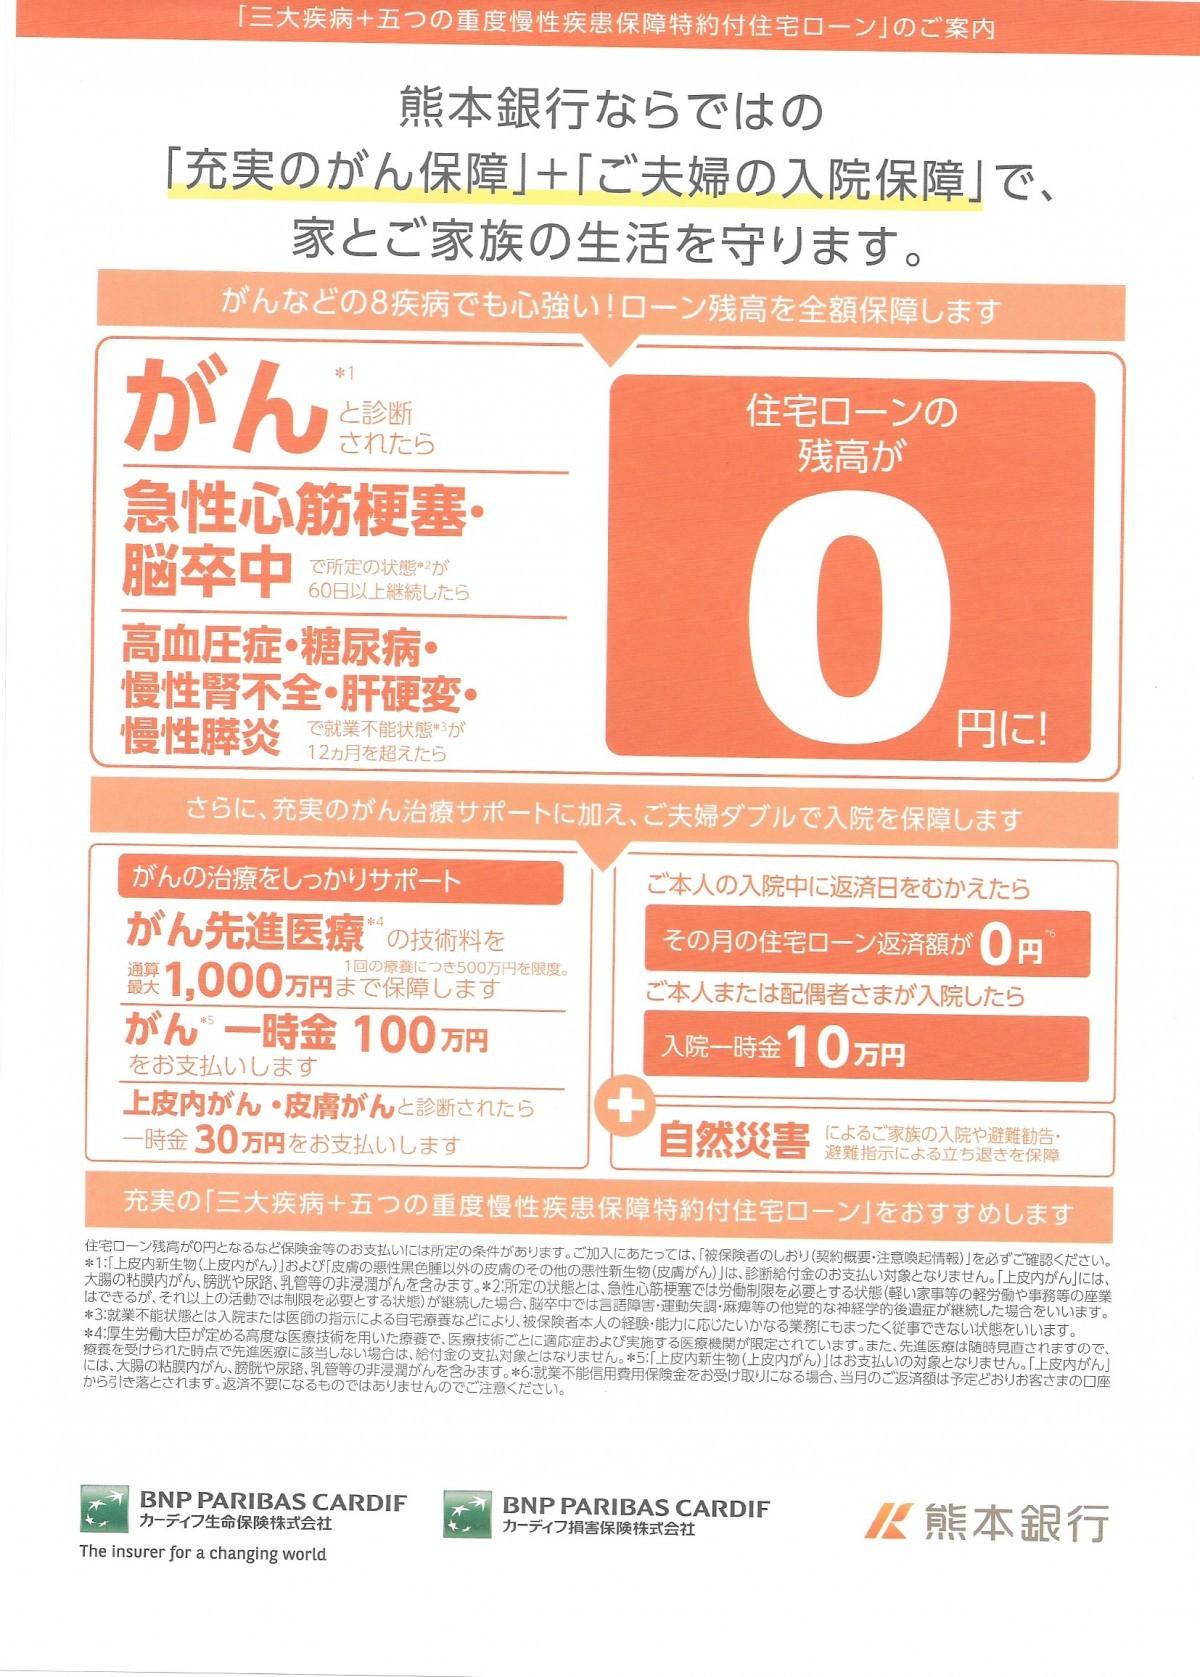 熊本銀行団体信用保険